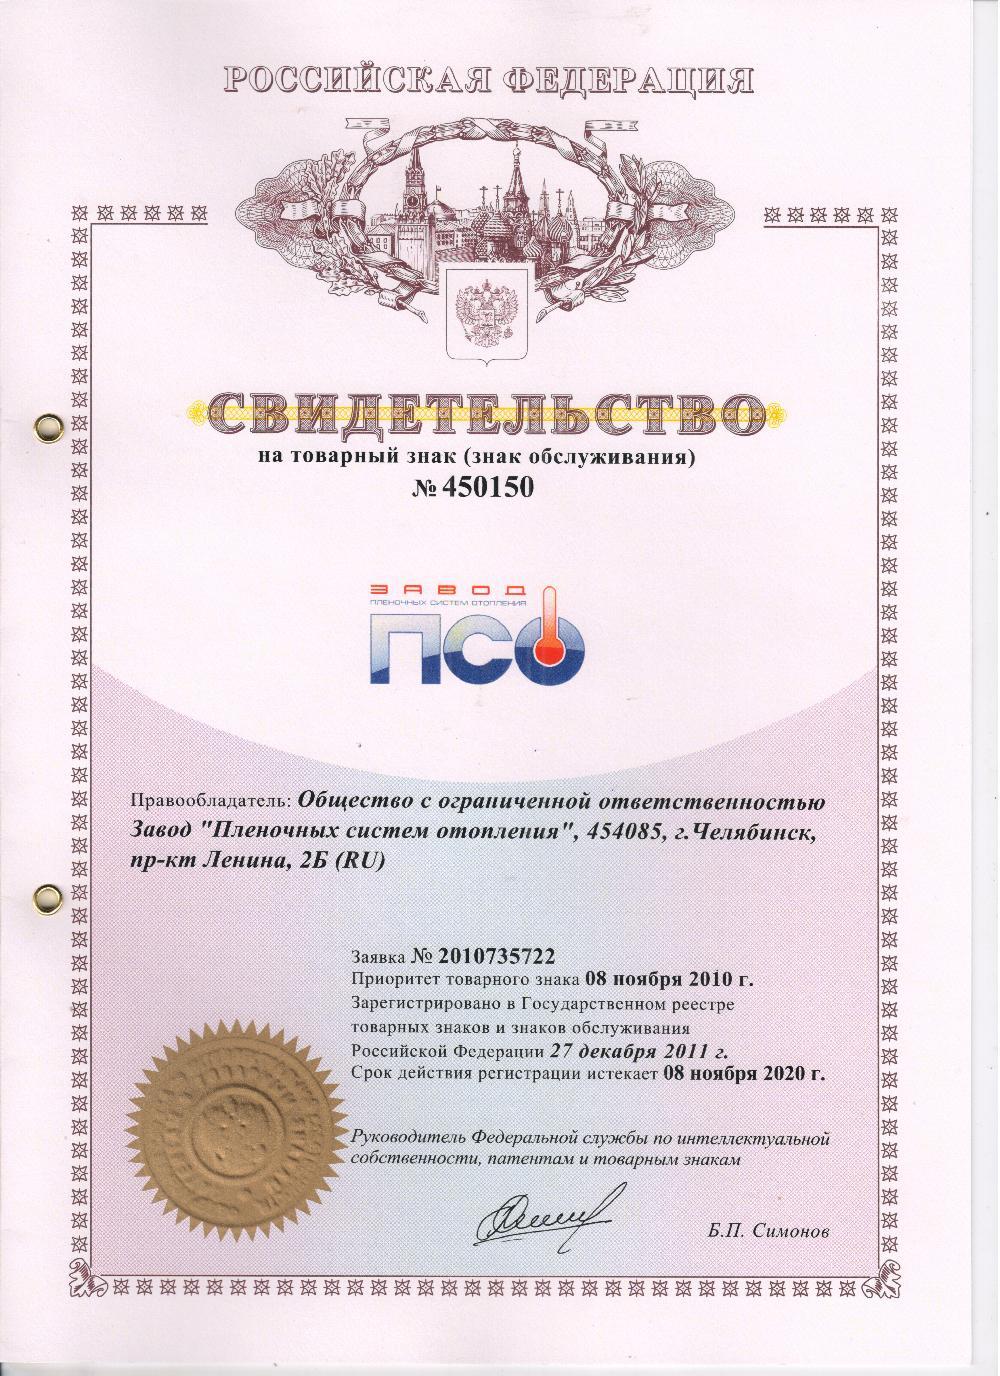 Свидетельство на товарный знак Зебра ЭВО-300 PRO